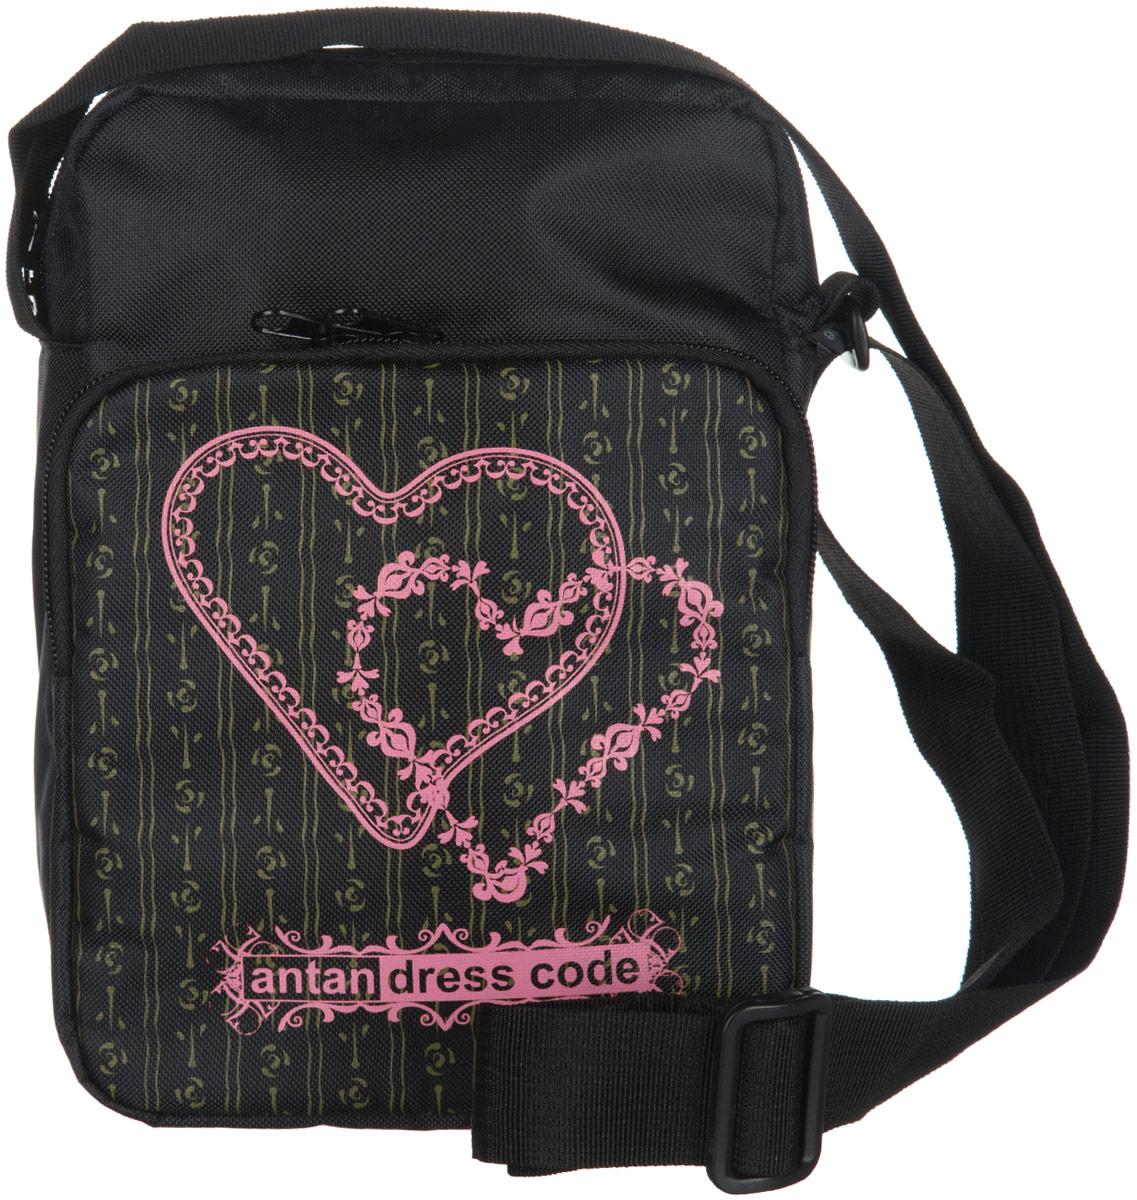 Сумка молодежная Antan Два сердца, цвет: черный. 1-1411-141Молодежная сумка  Два сердца прямоугольной формы выполнена из полиэстера черного цвета и оформлена изображением сердец. Она состоит из одного вместительного отделения, закрывающегося на застежку-молнию с двумя бегунками. Спереди большой накладной карман, закрывающийся на молнию. Внутри отделения находится карман на застежке-молнии. Сумка снабжена регулирующимся по длине текстильным ремнем для переноски на плече.